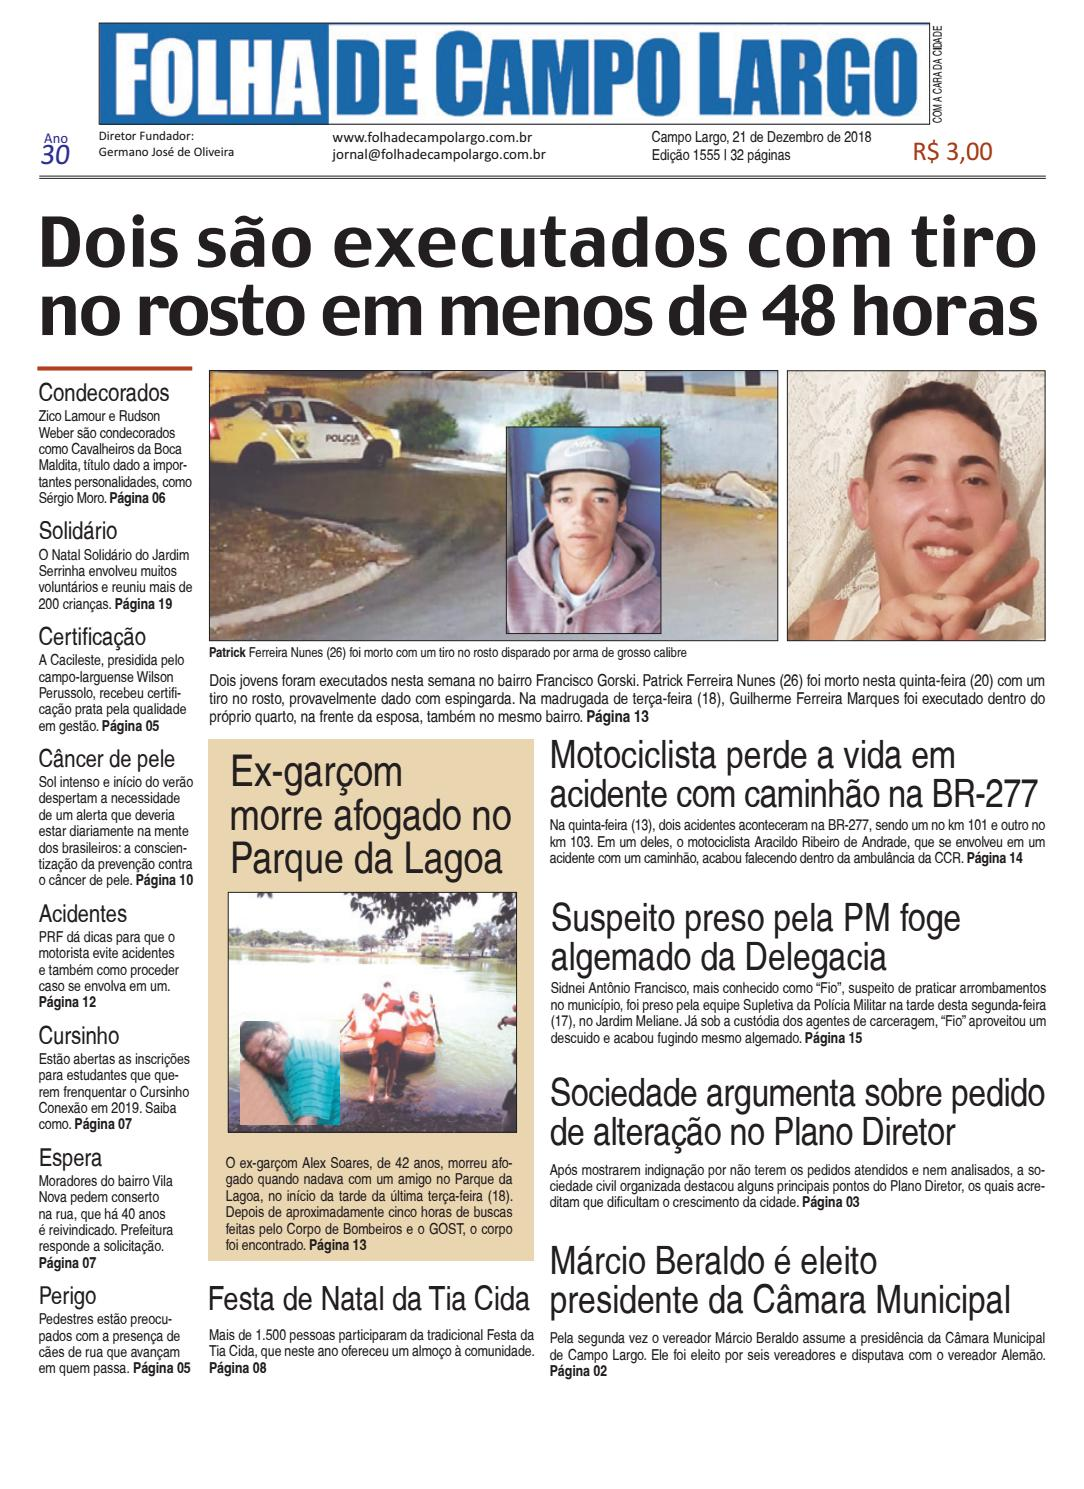 Folha de Campo Largo by Folha de Campo Largo - issuu fb0080a9681bd